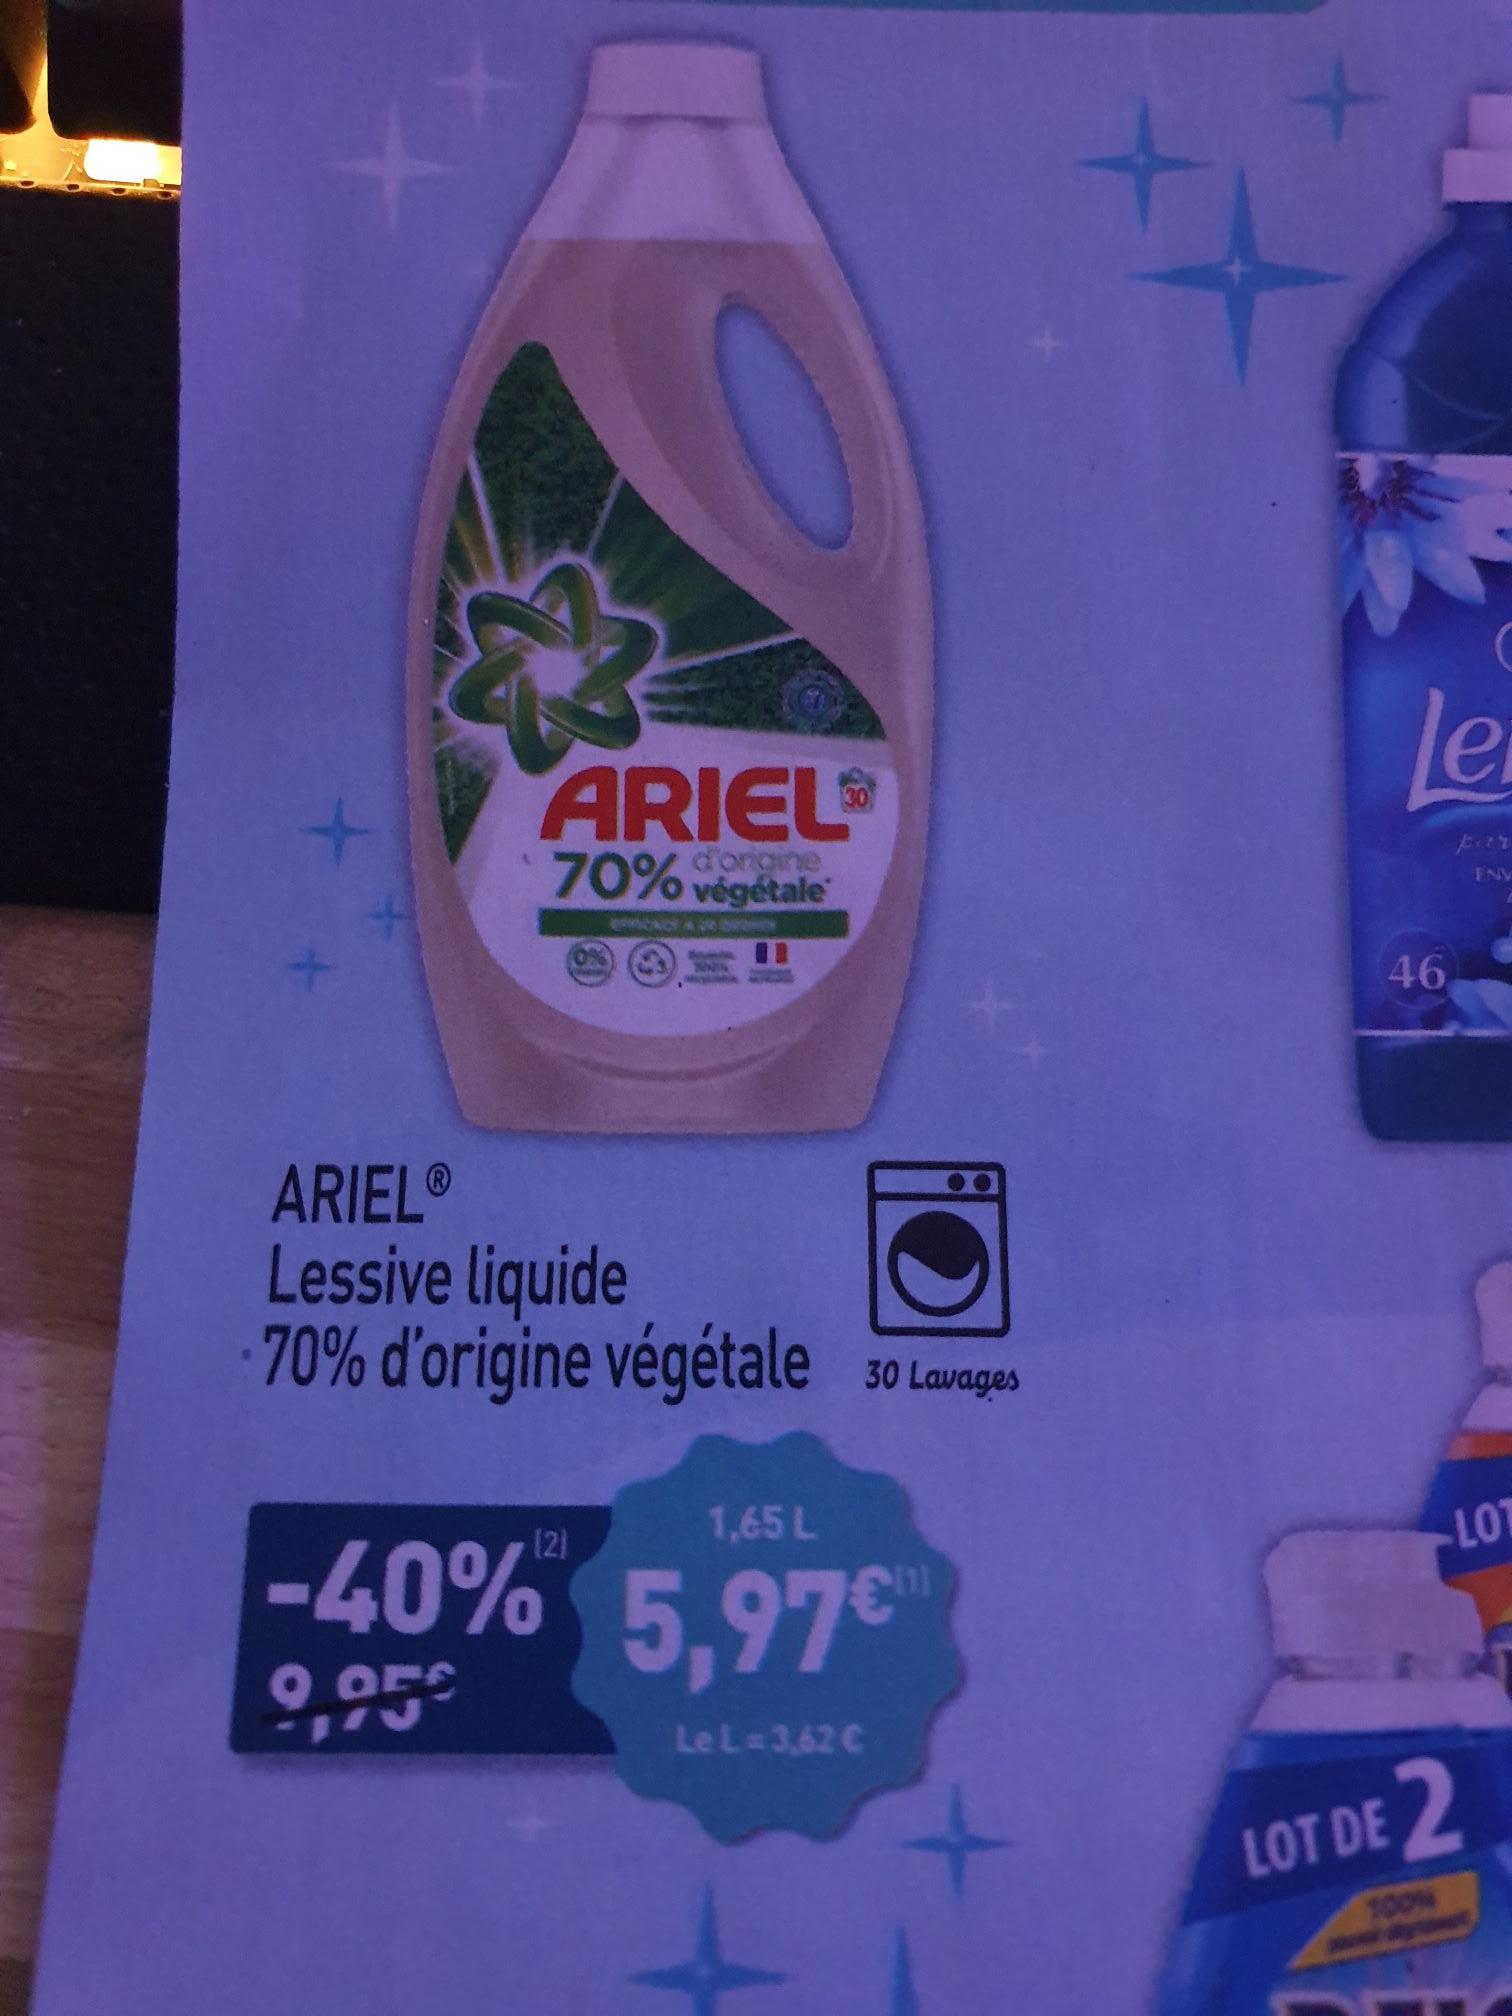 Bidon de Lessive Liquide Ariel 70% d'origine vegetale - 30 Lavages